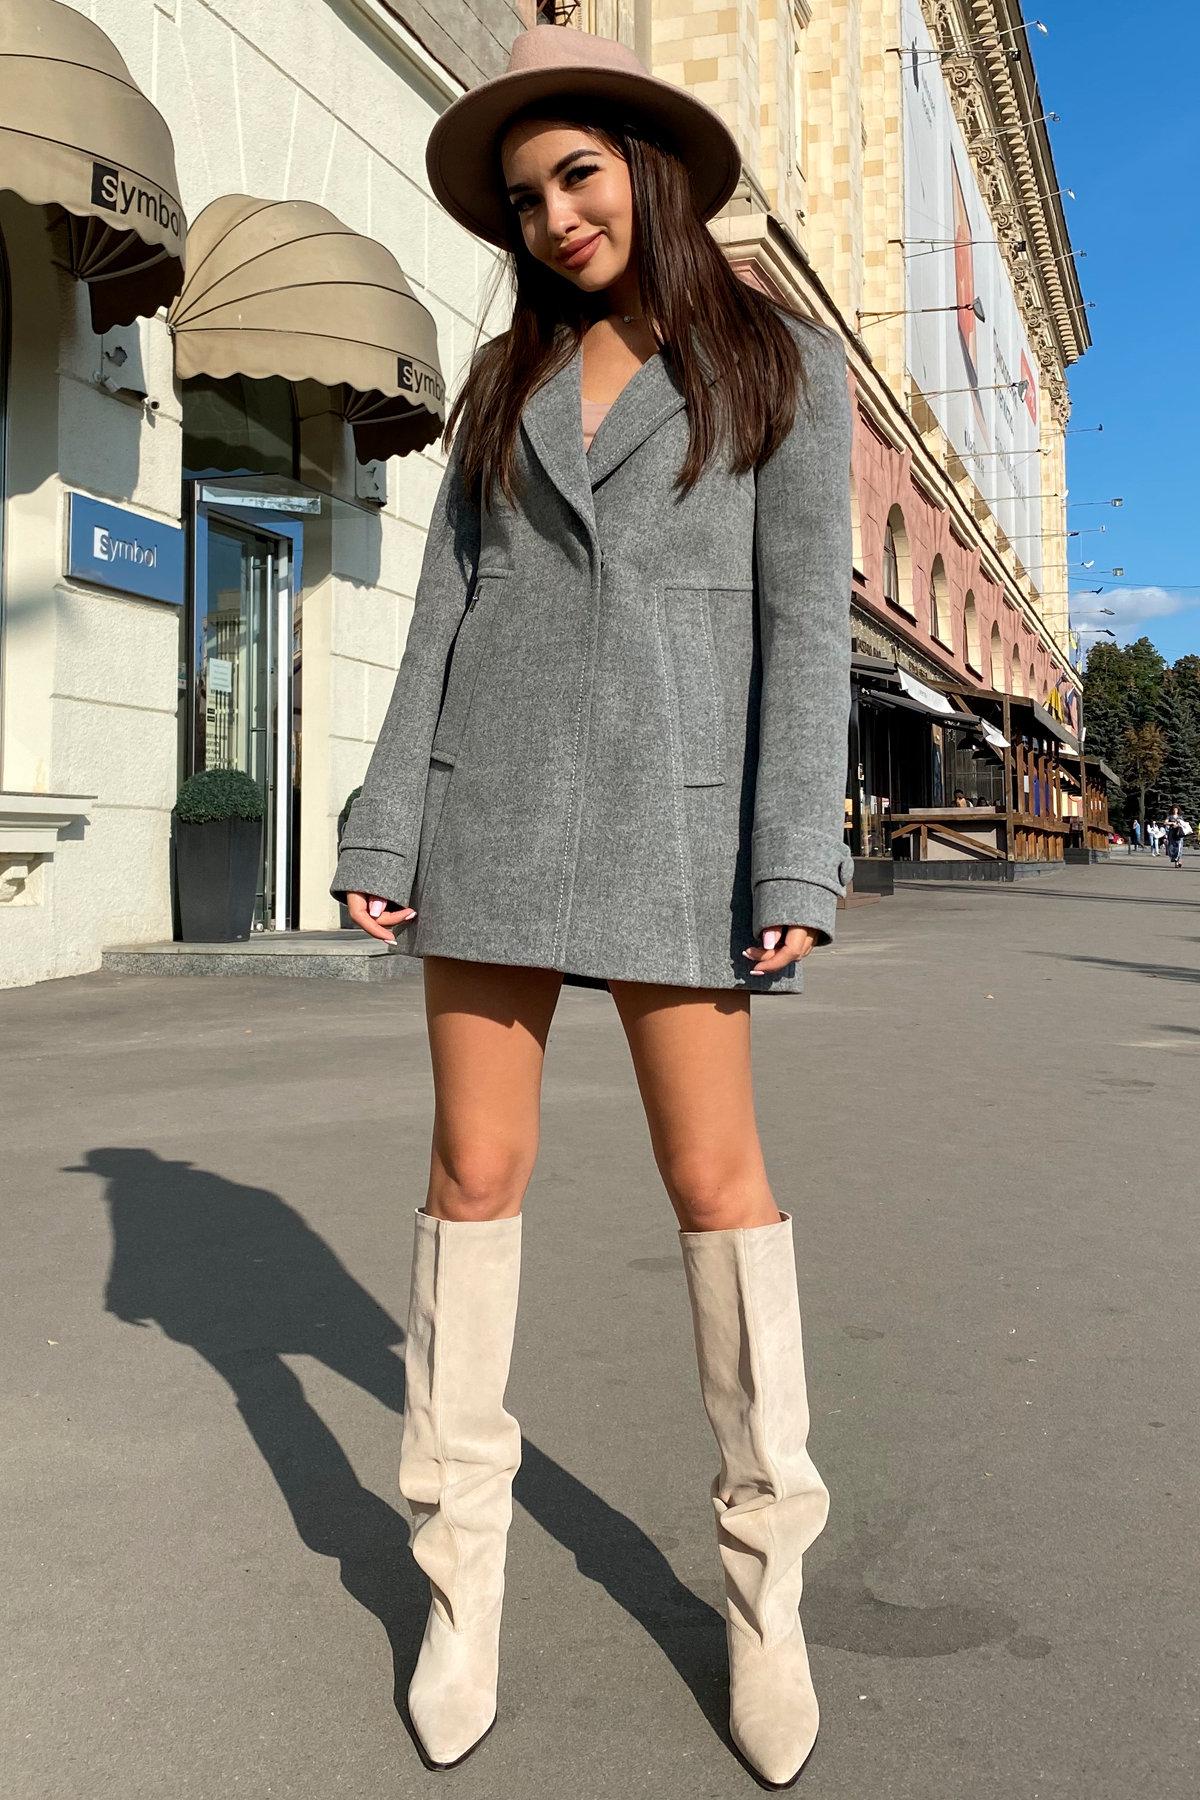 Пальто Смарта 6395 АРТ. 41427 Цвет: Серый 18 - фото 2, интернет магазин tm-modus.ru